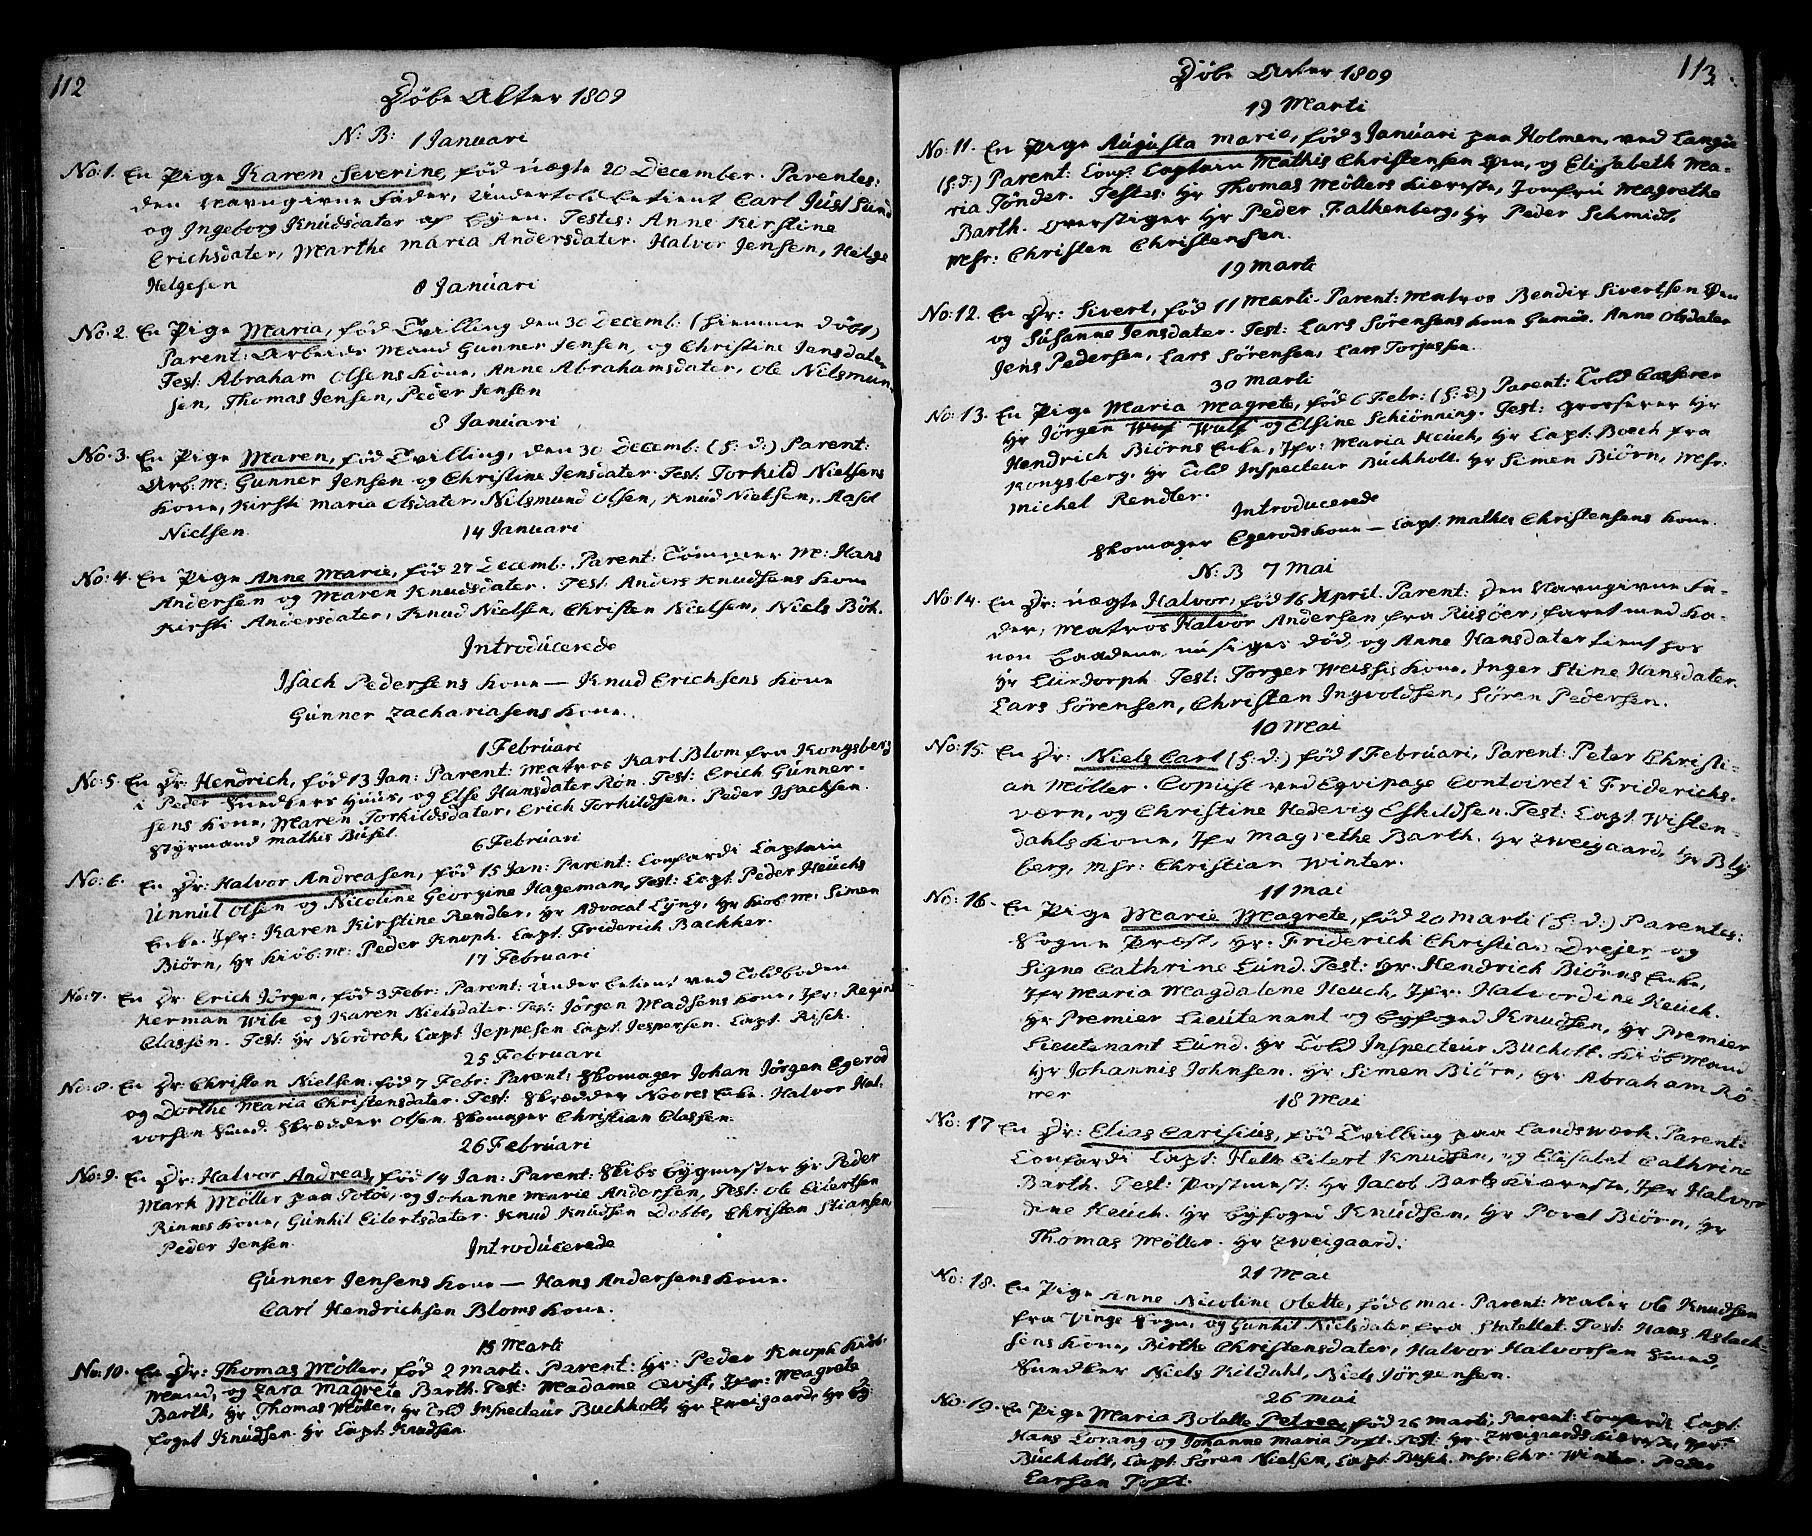 SAKO, Kragerø kirkebøker, G/Ga/L0001: Klokkerbok nr. 1 /1, 1806-1811, s. 112-113